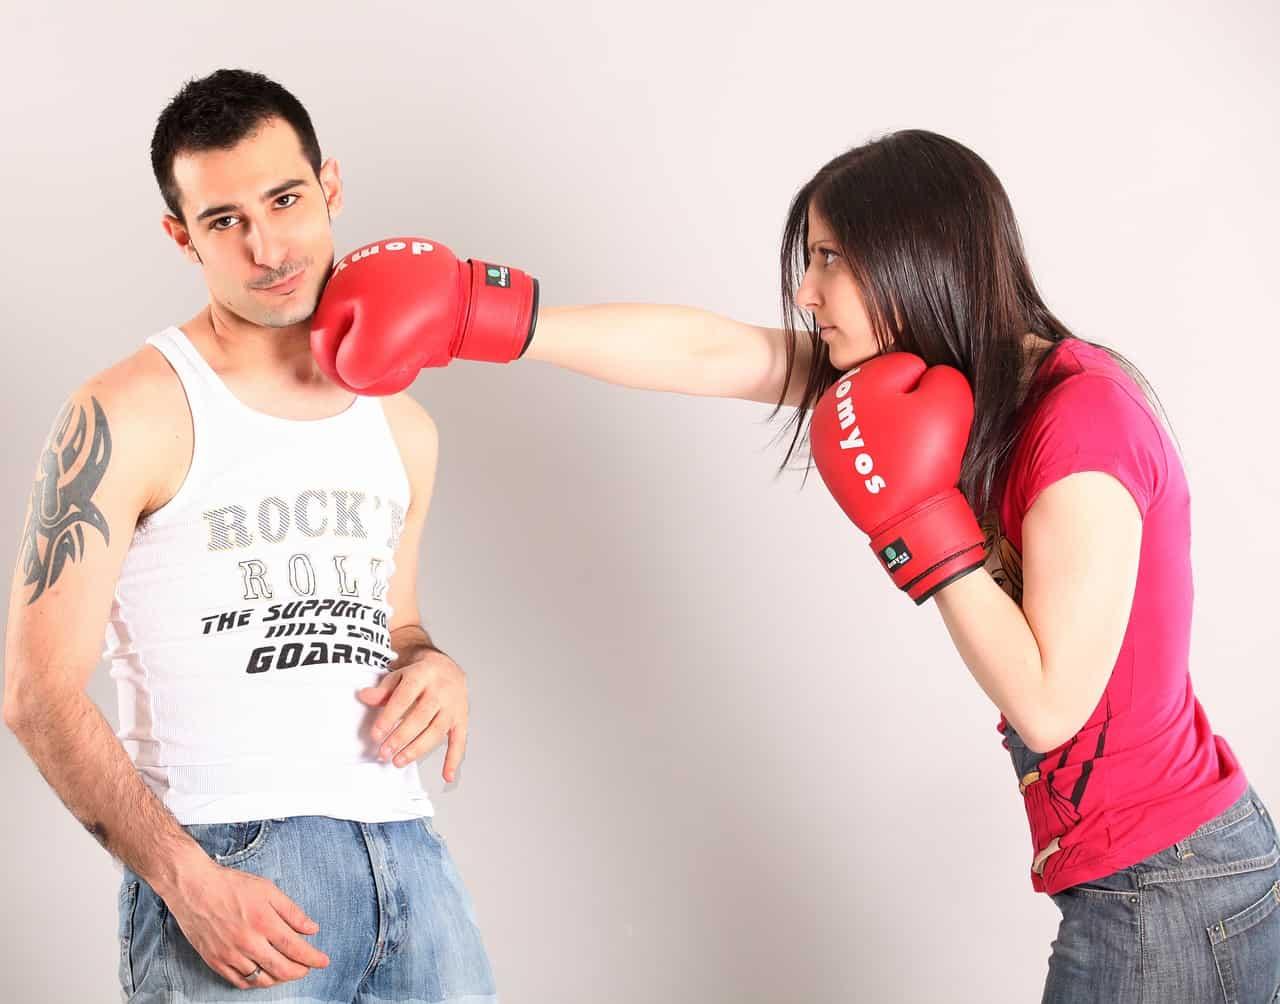 Как посадить мужа за избиение жены